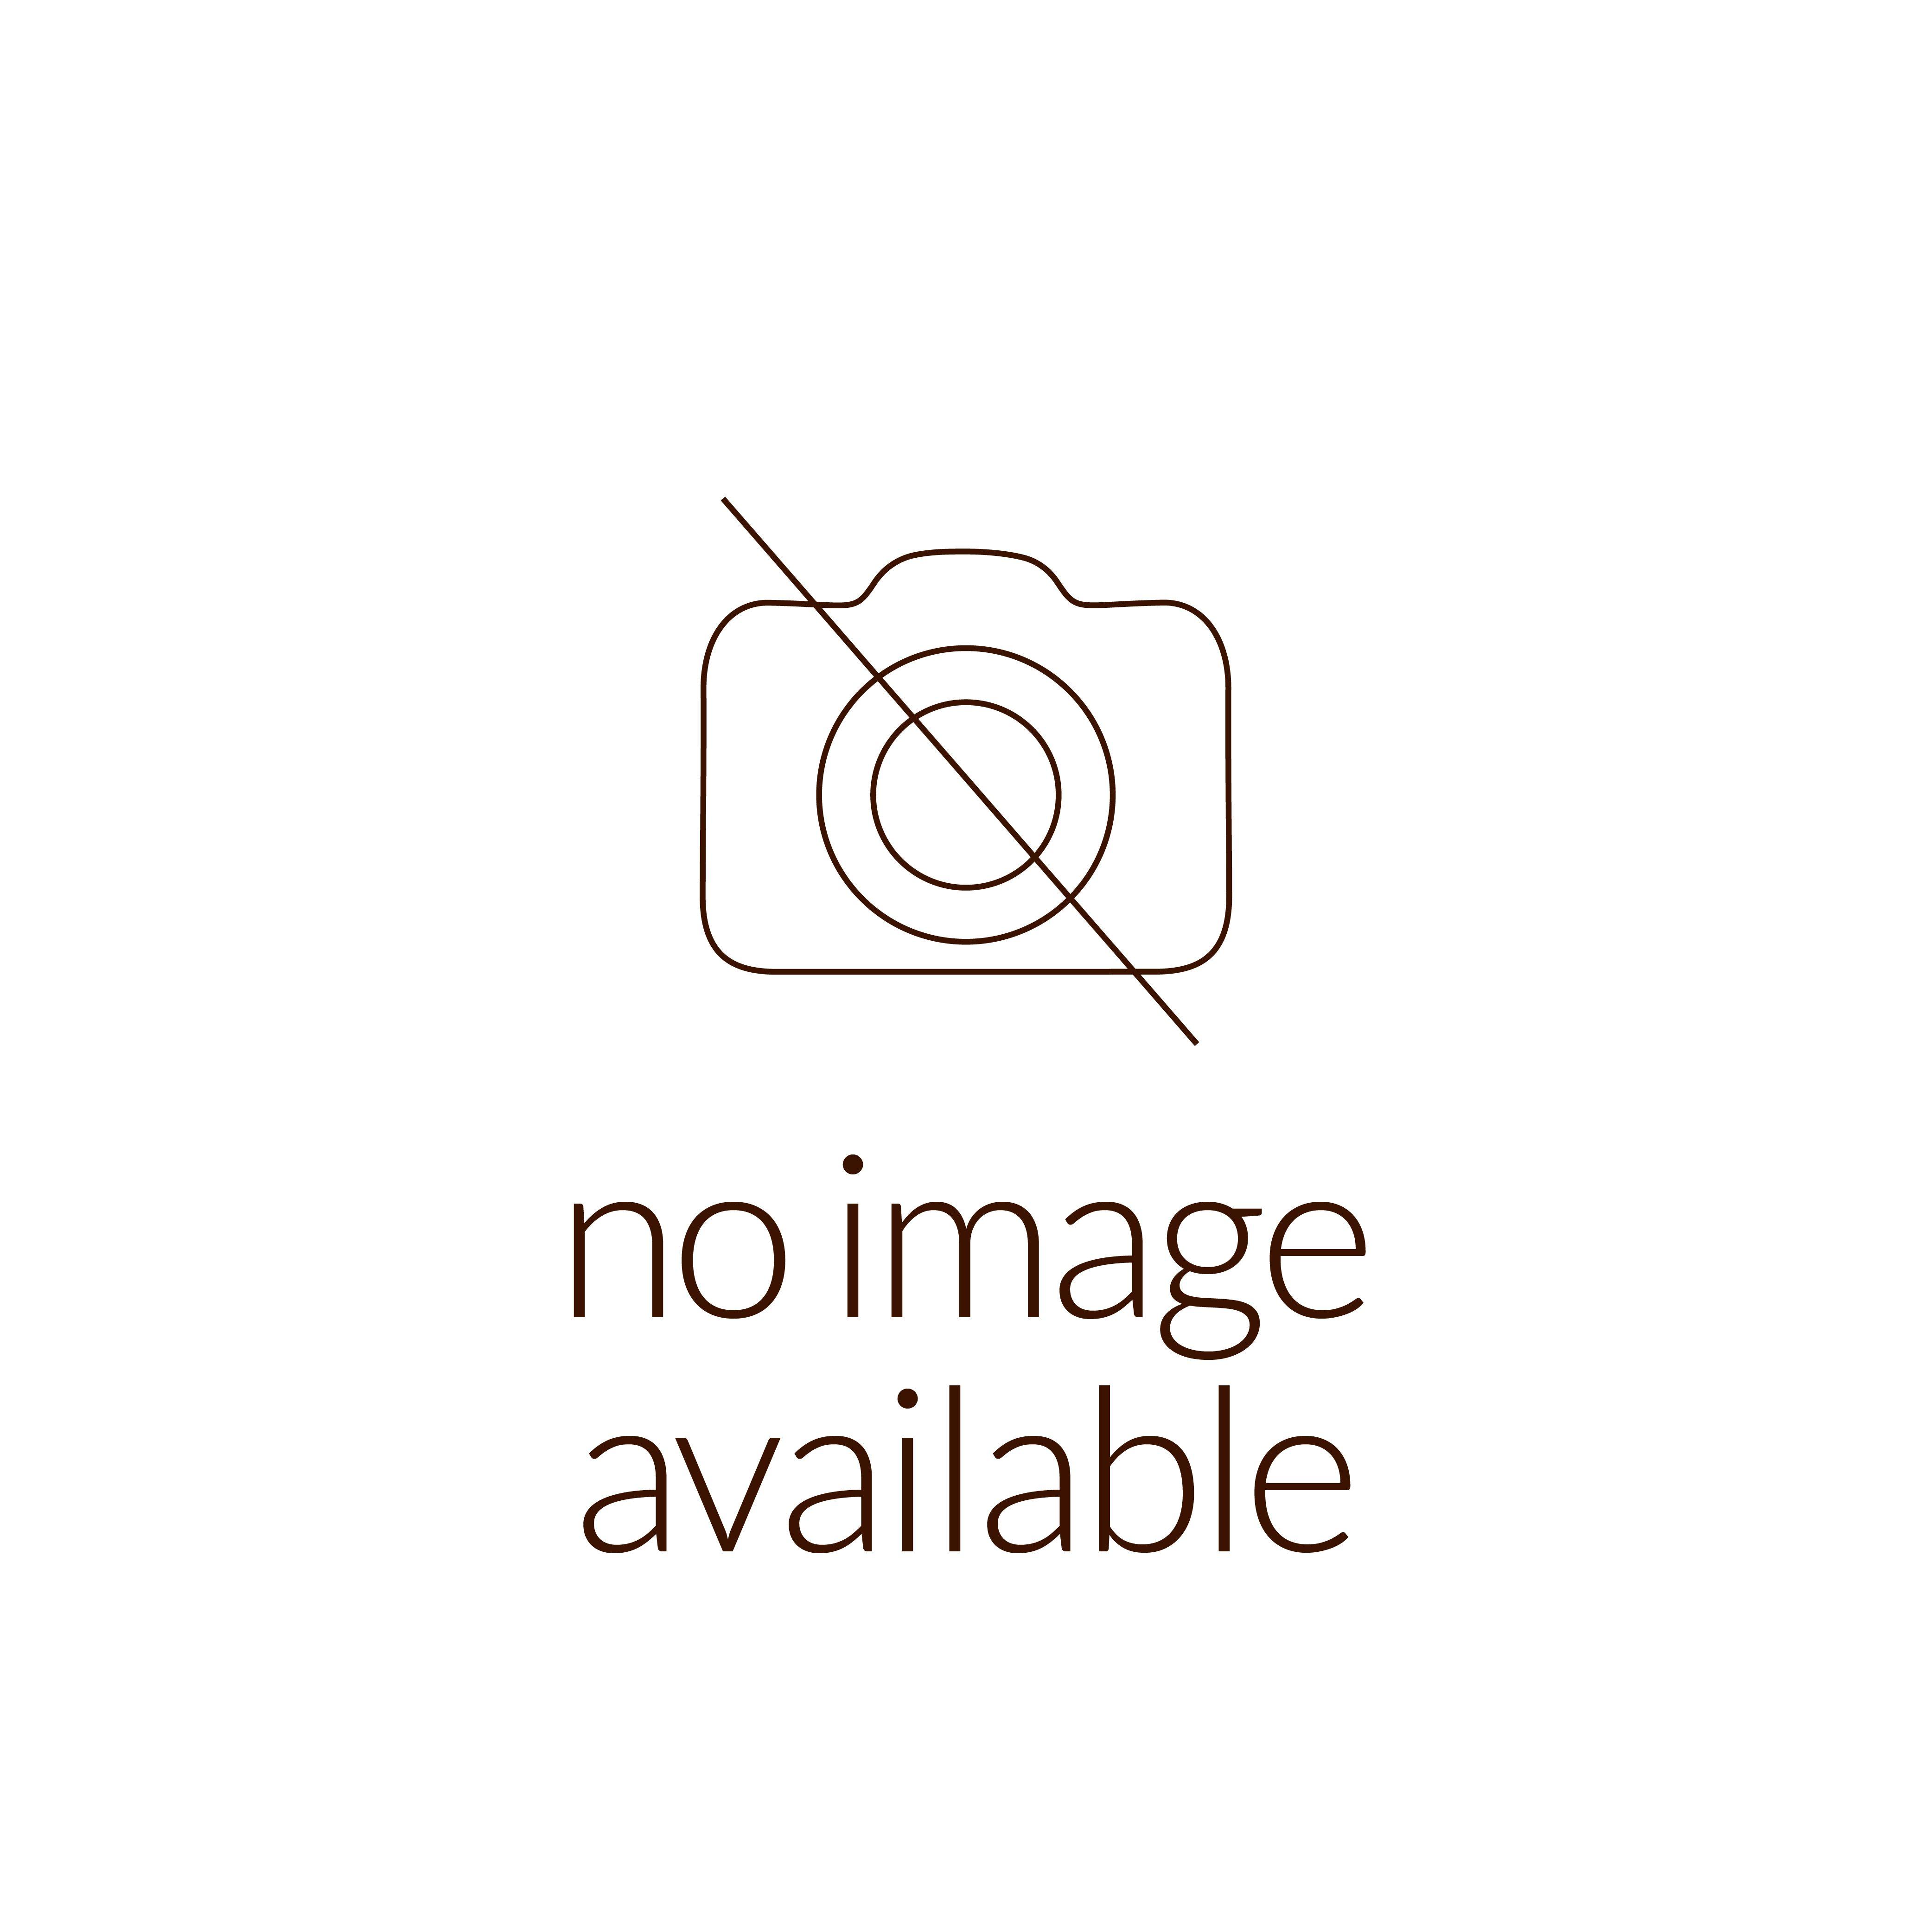 קרוגראנד, 1 אונקיה, 2019 - צד קדמי